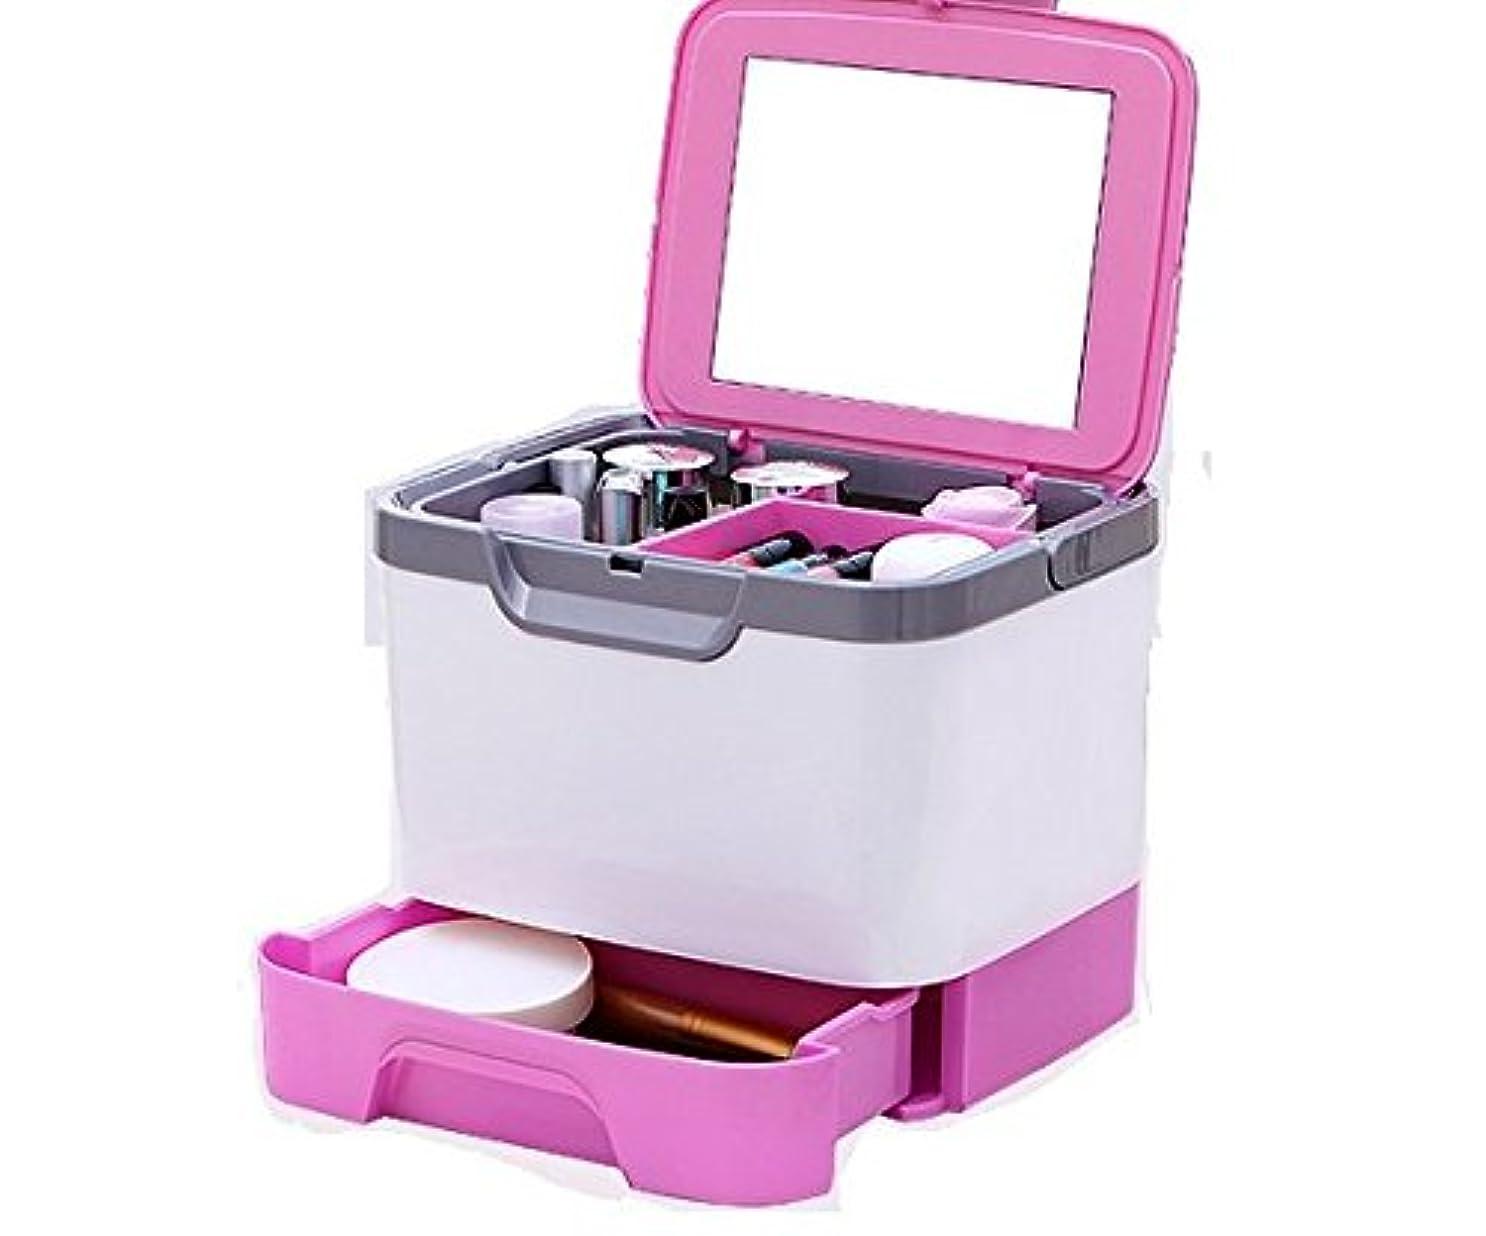 依存するリーフレット厄介なメイクボックス 大容量 かわいい 鏡付き プロも納得 コスメの収納に (ピンク、ブルー、グリーン)